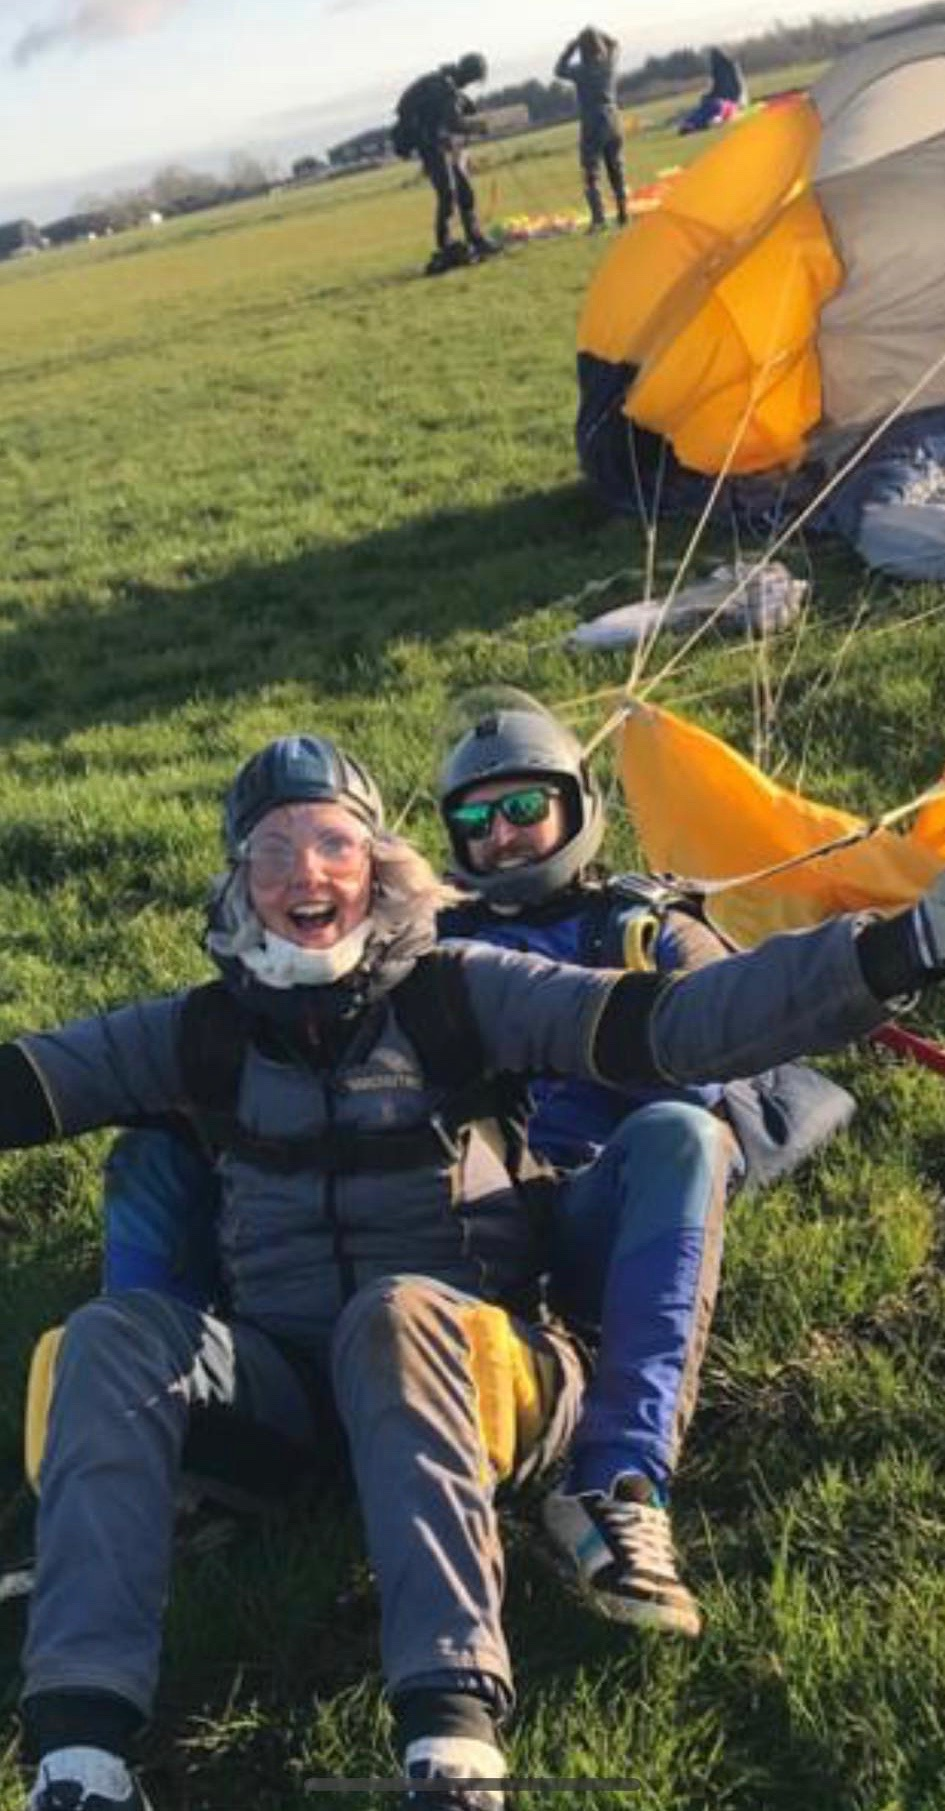 sky-dive-natalie-stagg-landed